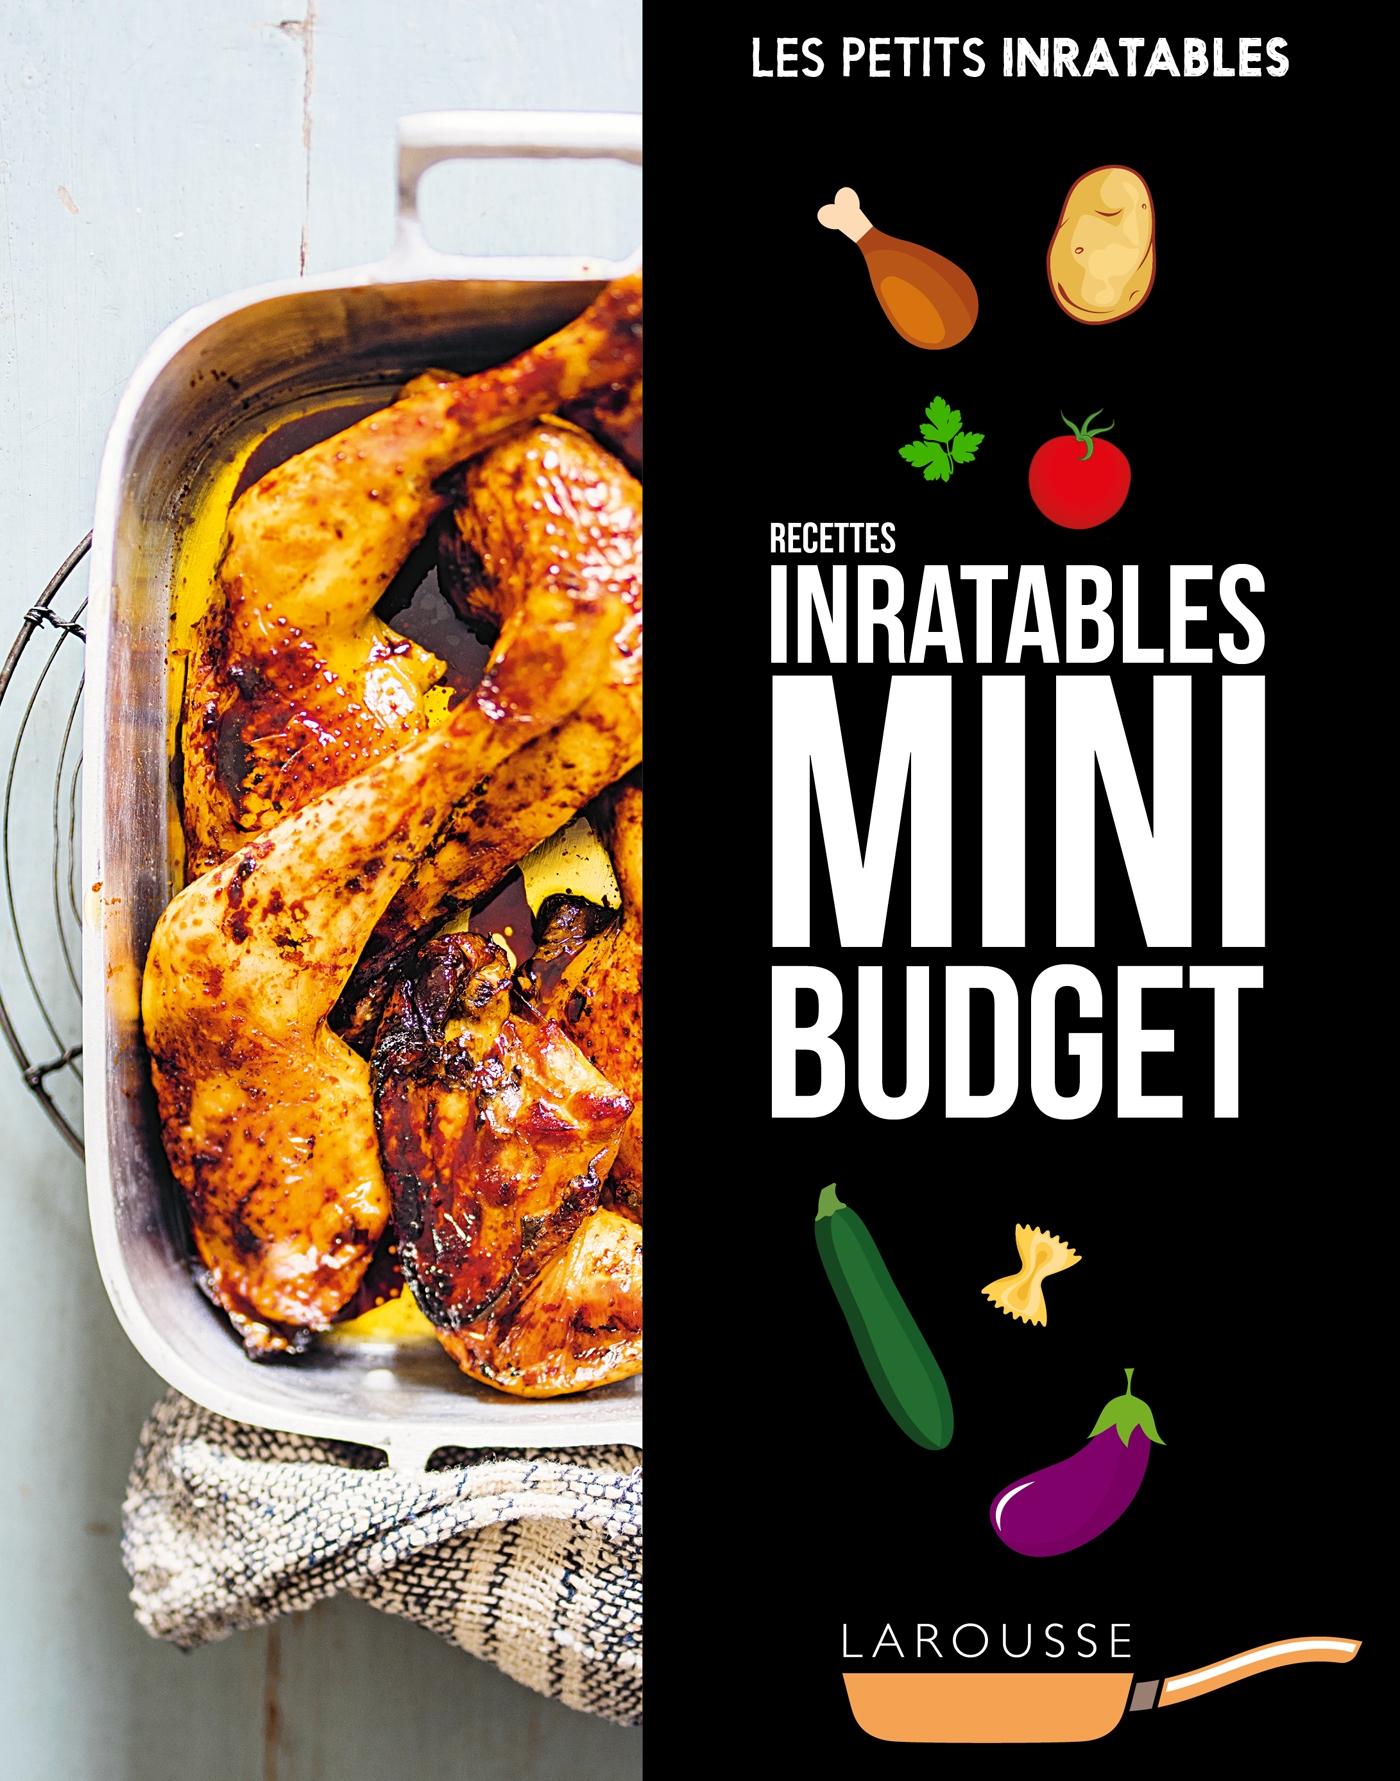 Les inratables mini budget